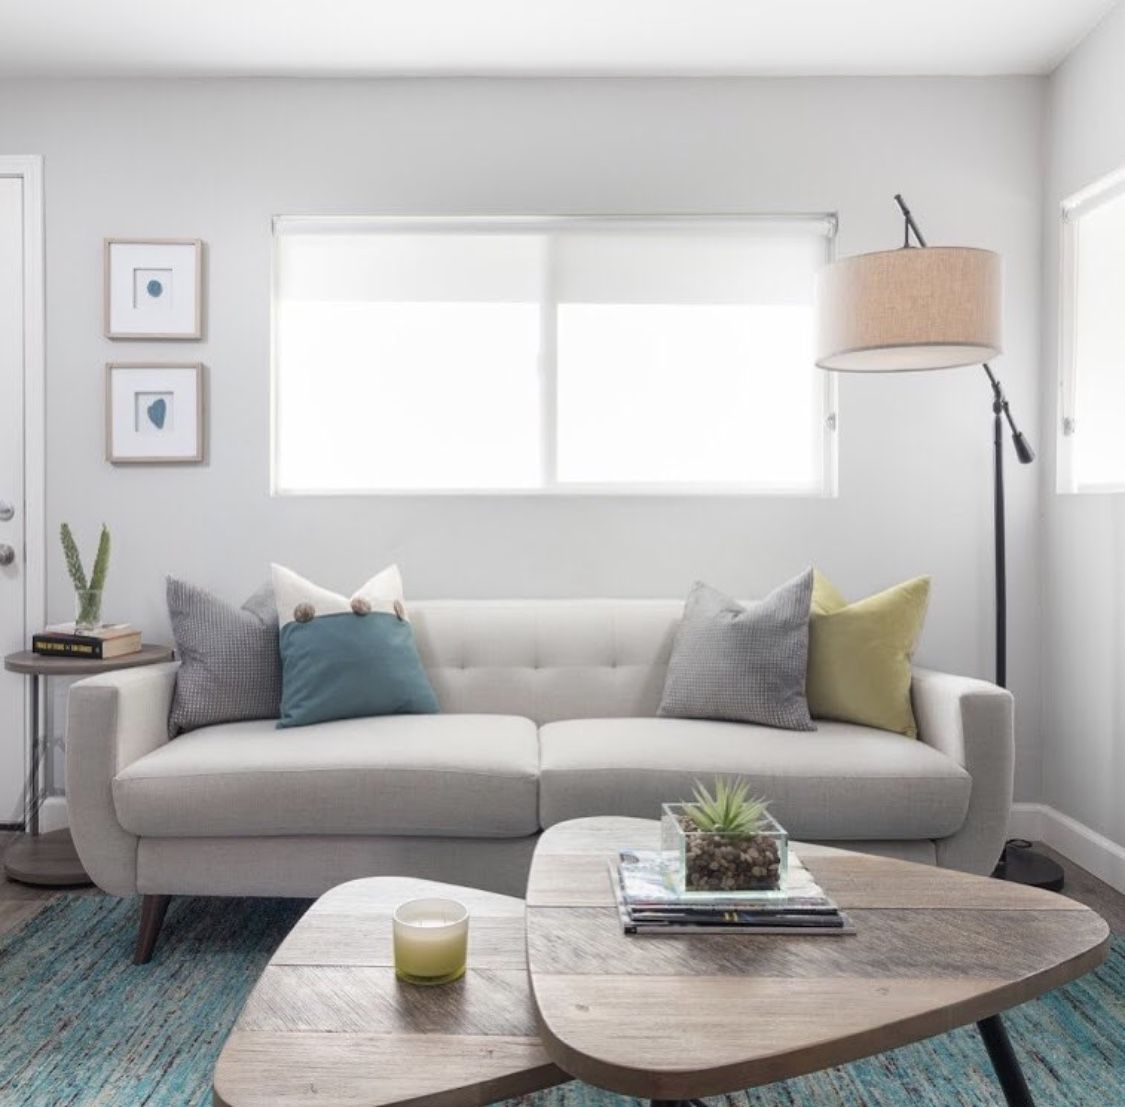 Allie Dark Grey Sofa In 2018 | Your Designs: @livingspaces Within Allie Dark Grey Sofa Chairs (View 3 of 25)